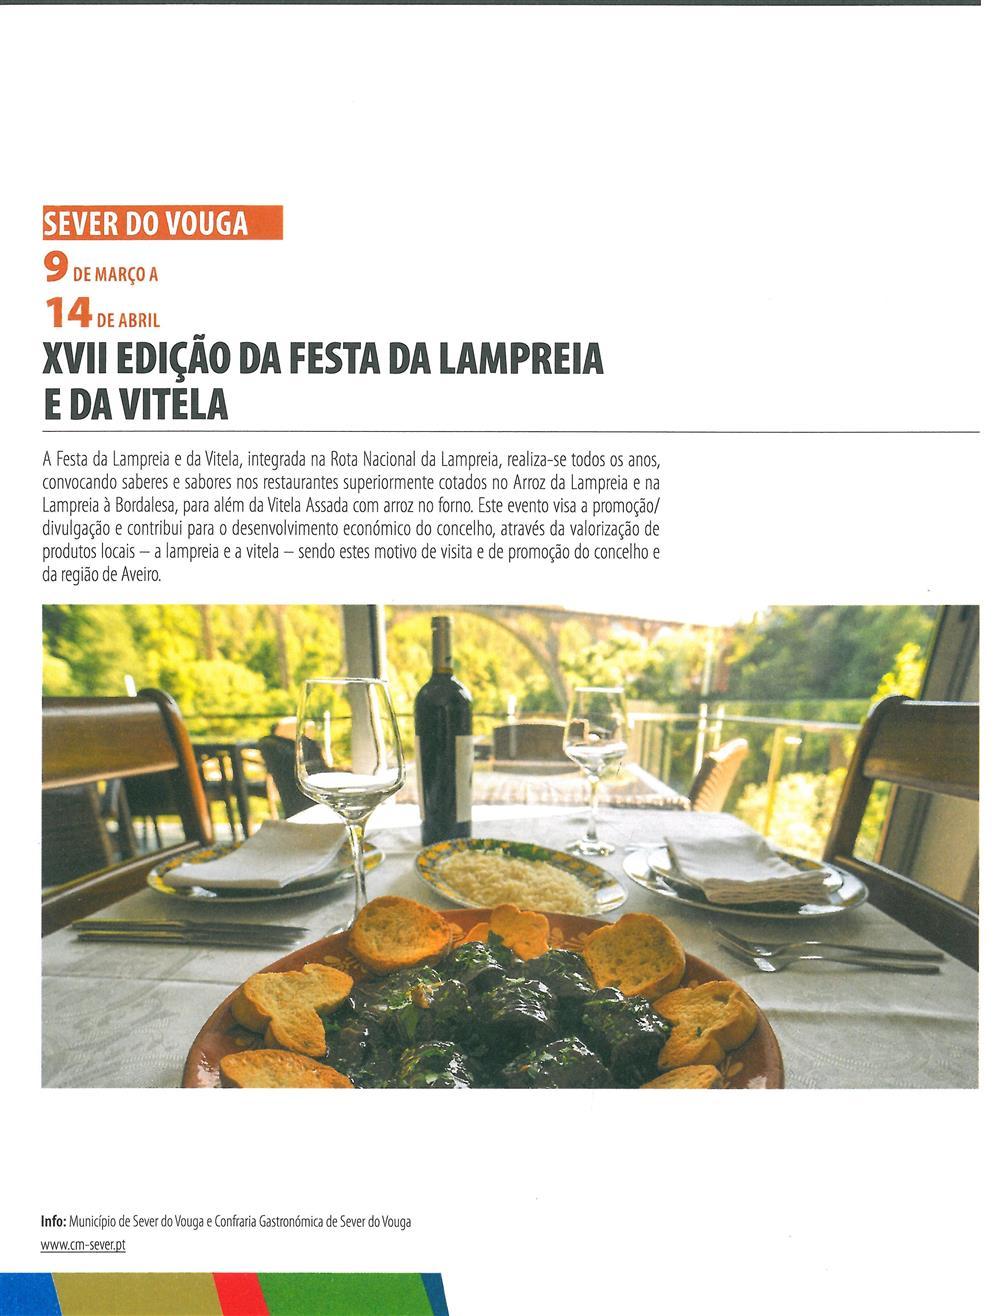 AgRegAveiro-2019-p.1-XVII Edição da Festa da Lampreia e da Vitela.jpg